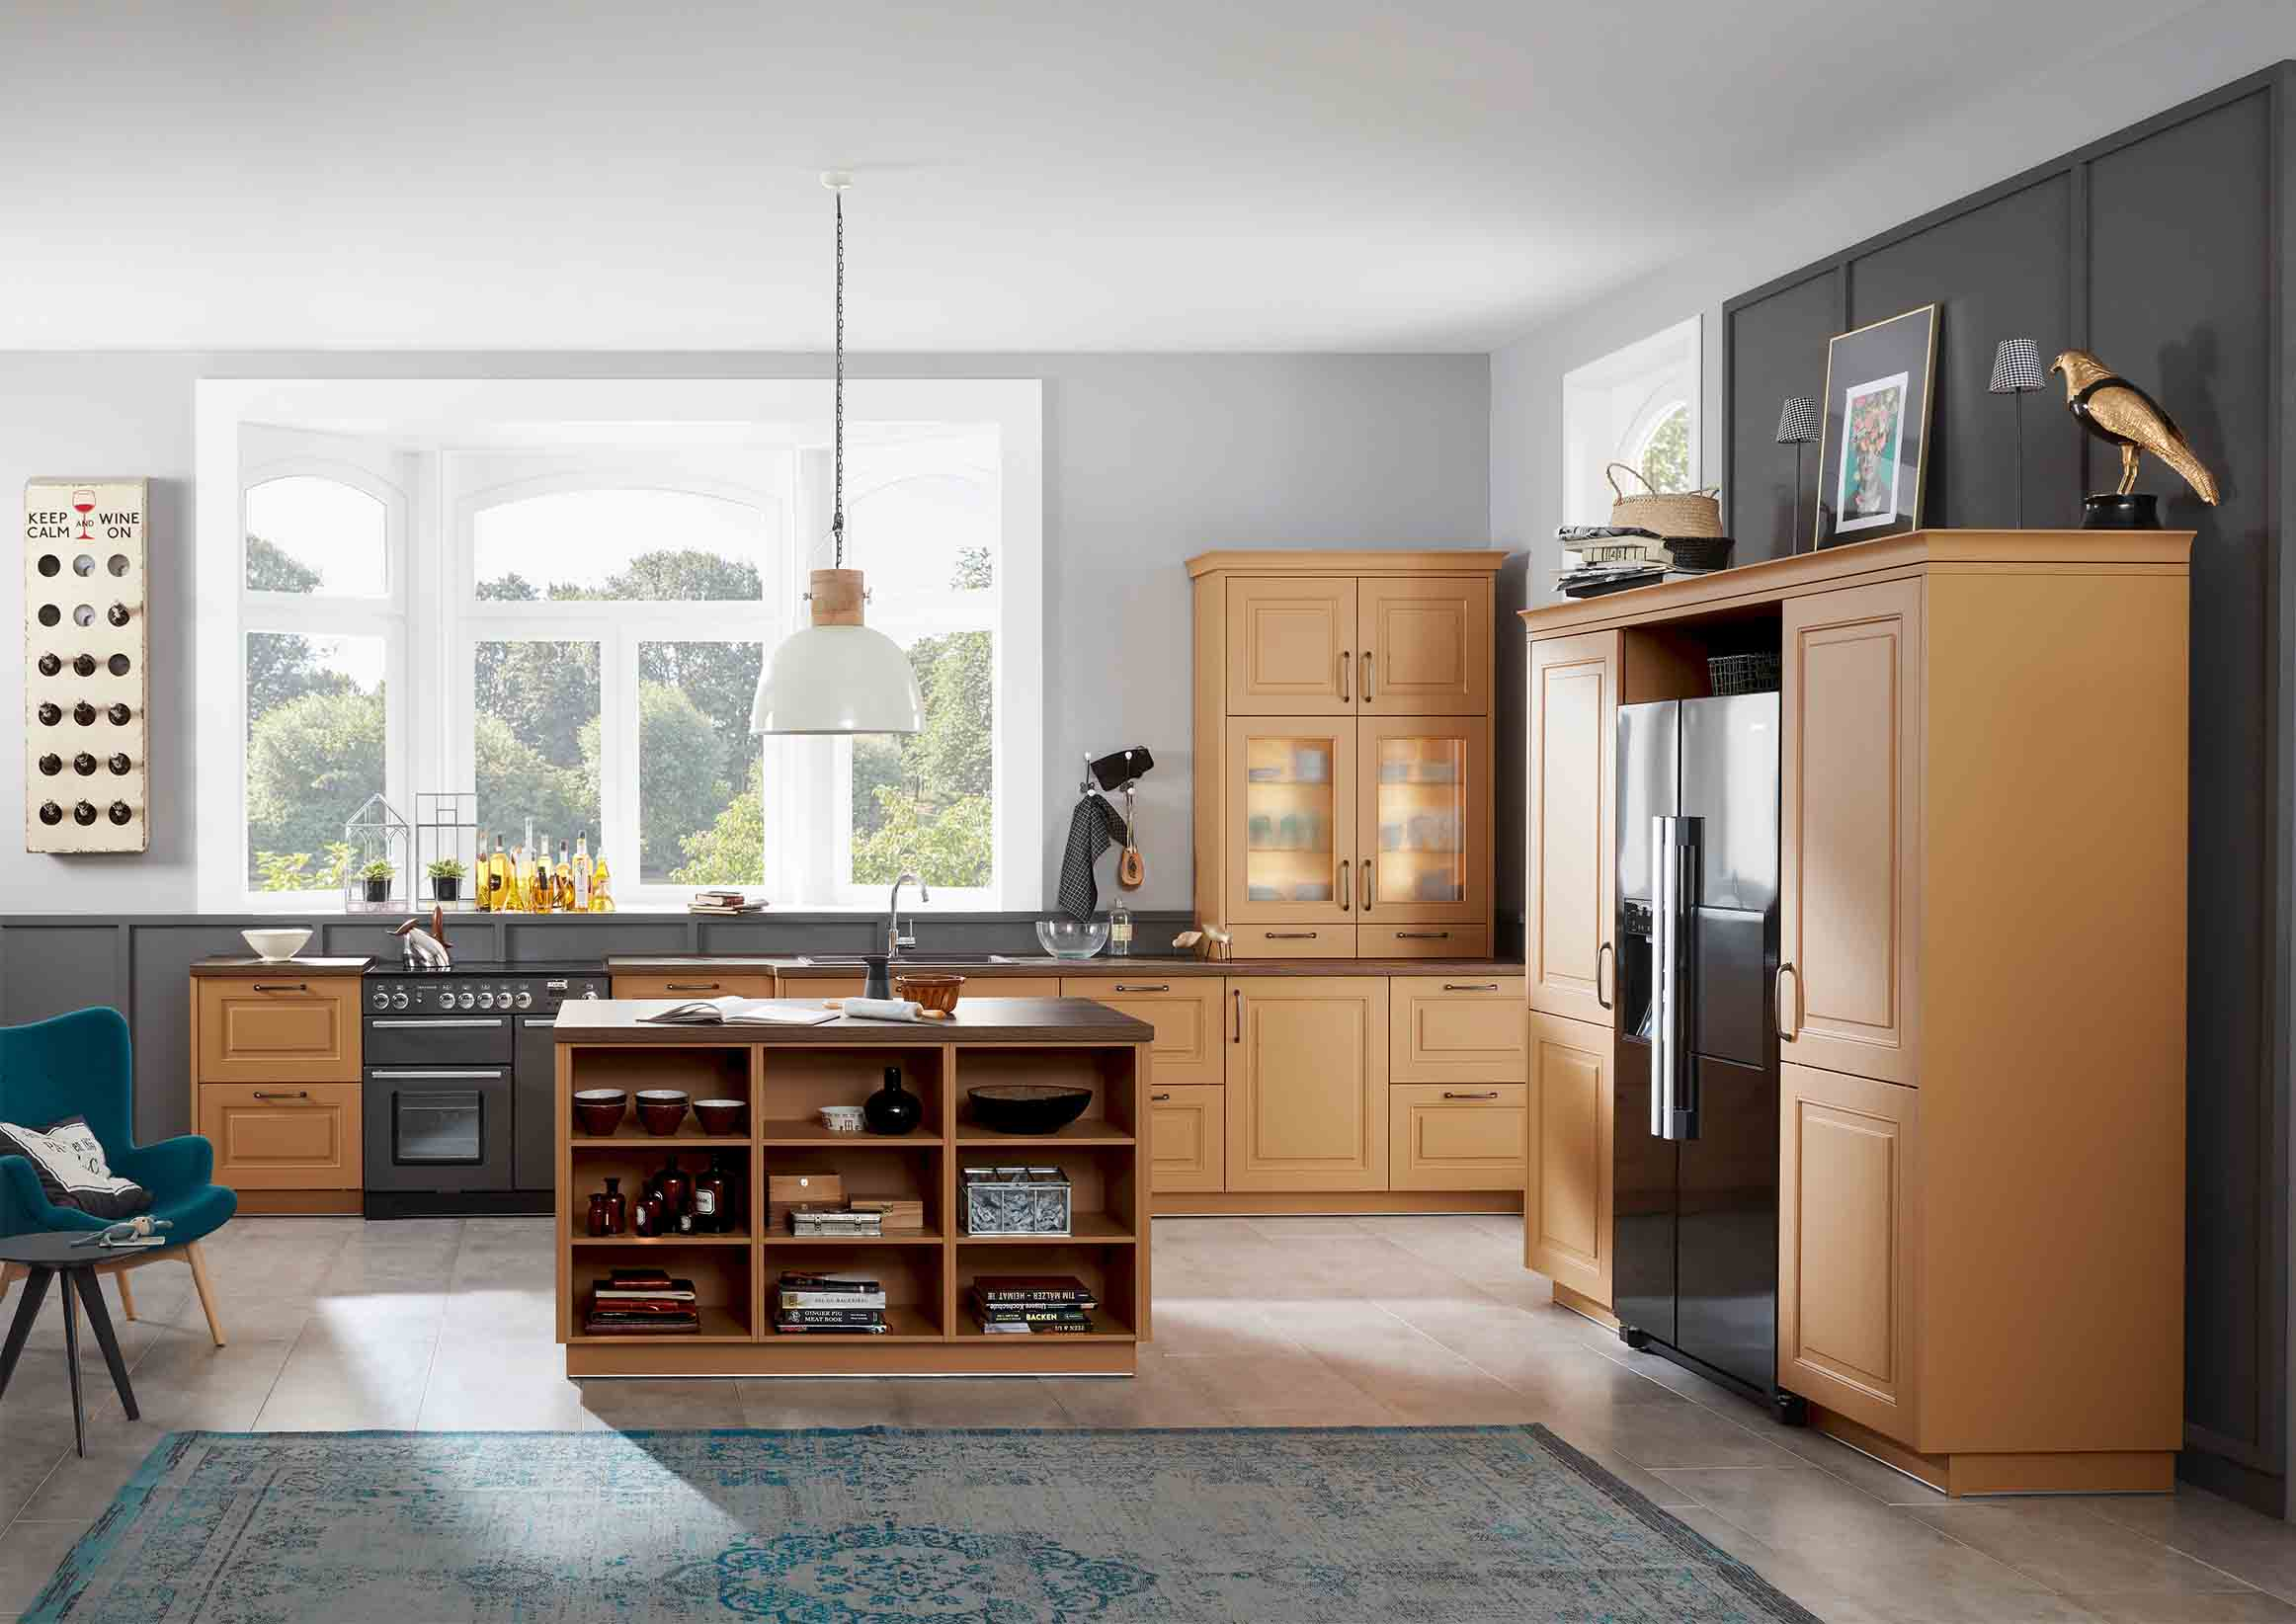 Full Size of Walden Küchen Abverkauf Liva Kchen Reco Mbel Stollberg In Bad Regal Inselküche Wohnzimmer Walden Küchen Abverkauf